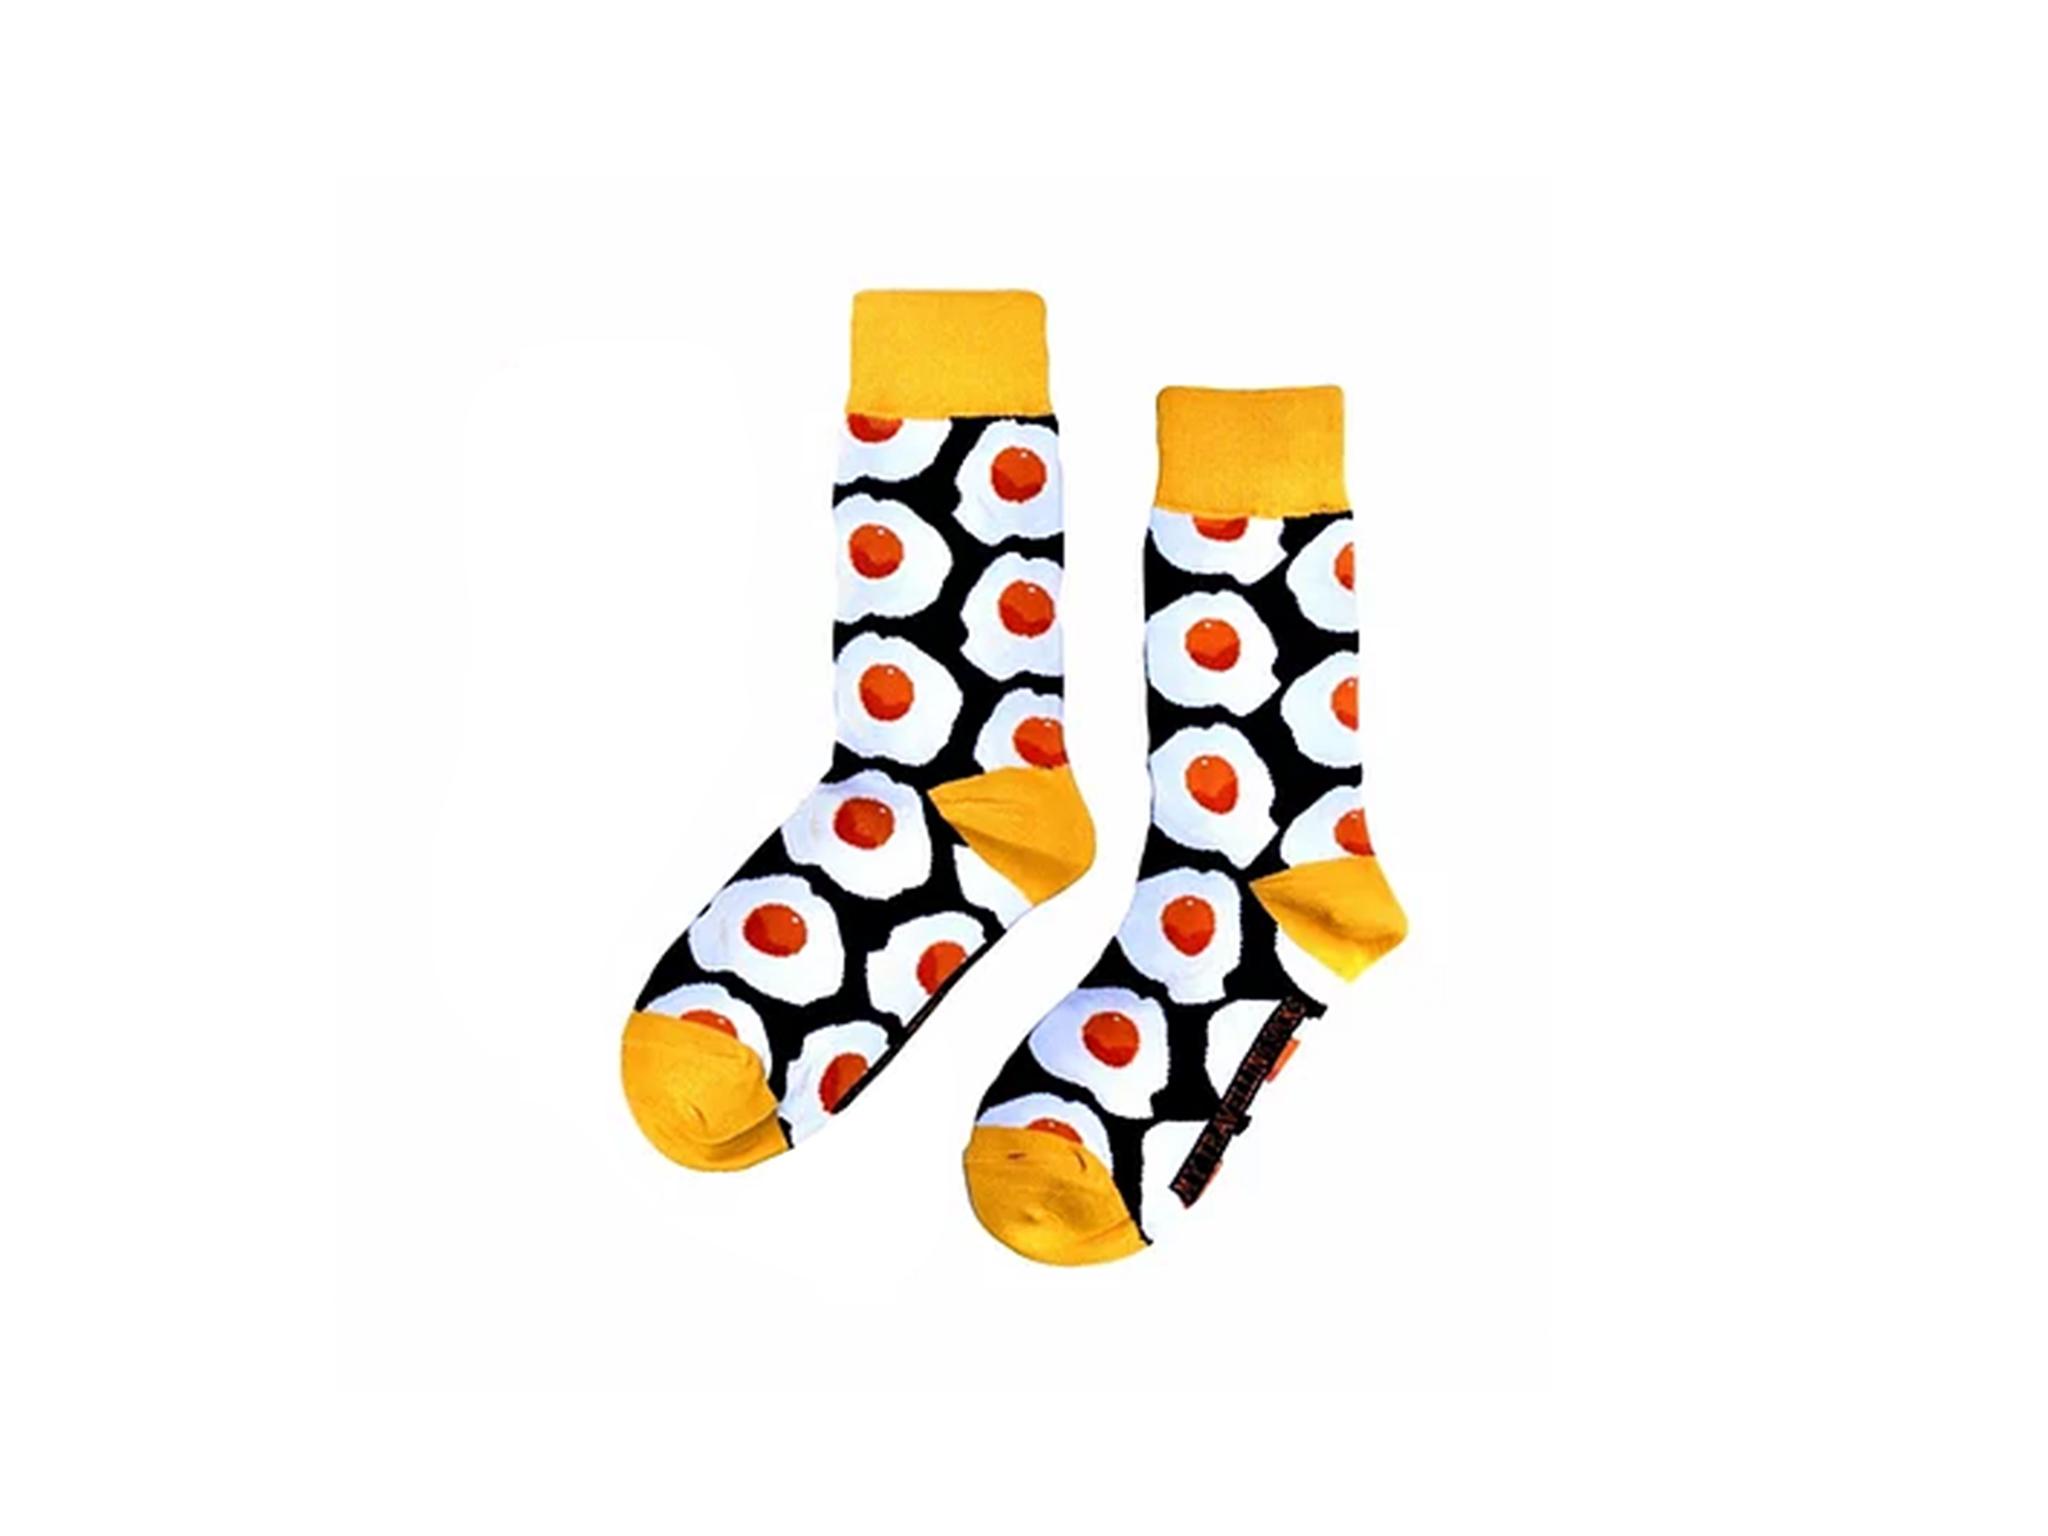 Meias, Shopping Natal 2020, My Travelling Socks